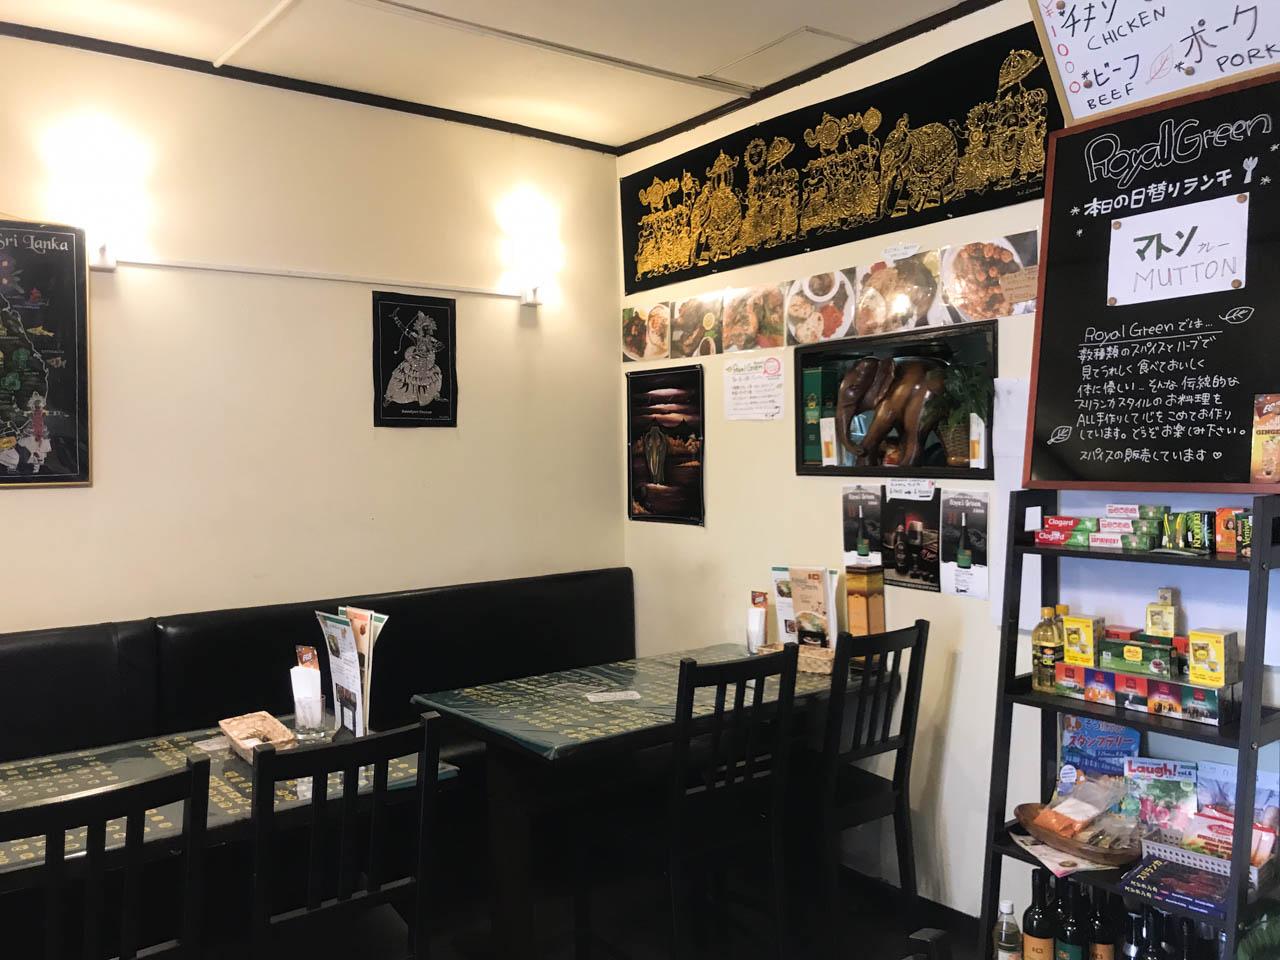 神奈川 さがみ野 スリランカ料理 ロイヤルグリーンの店内